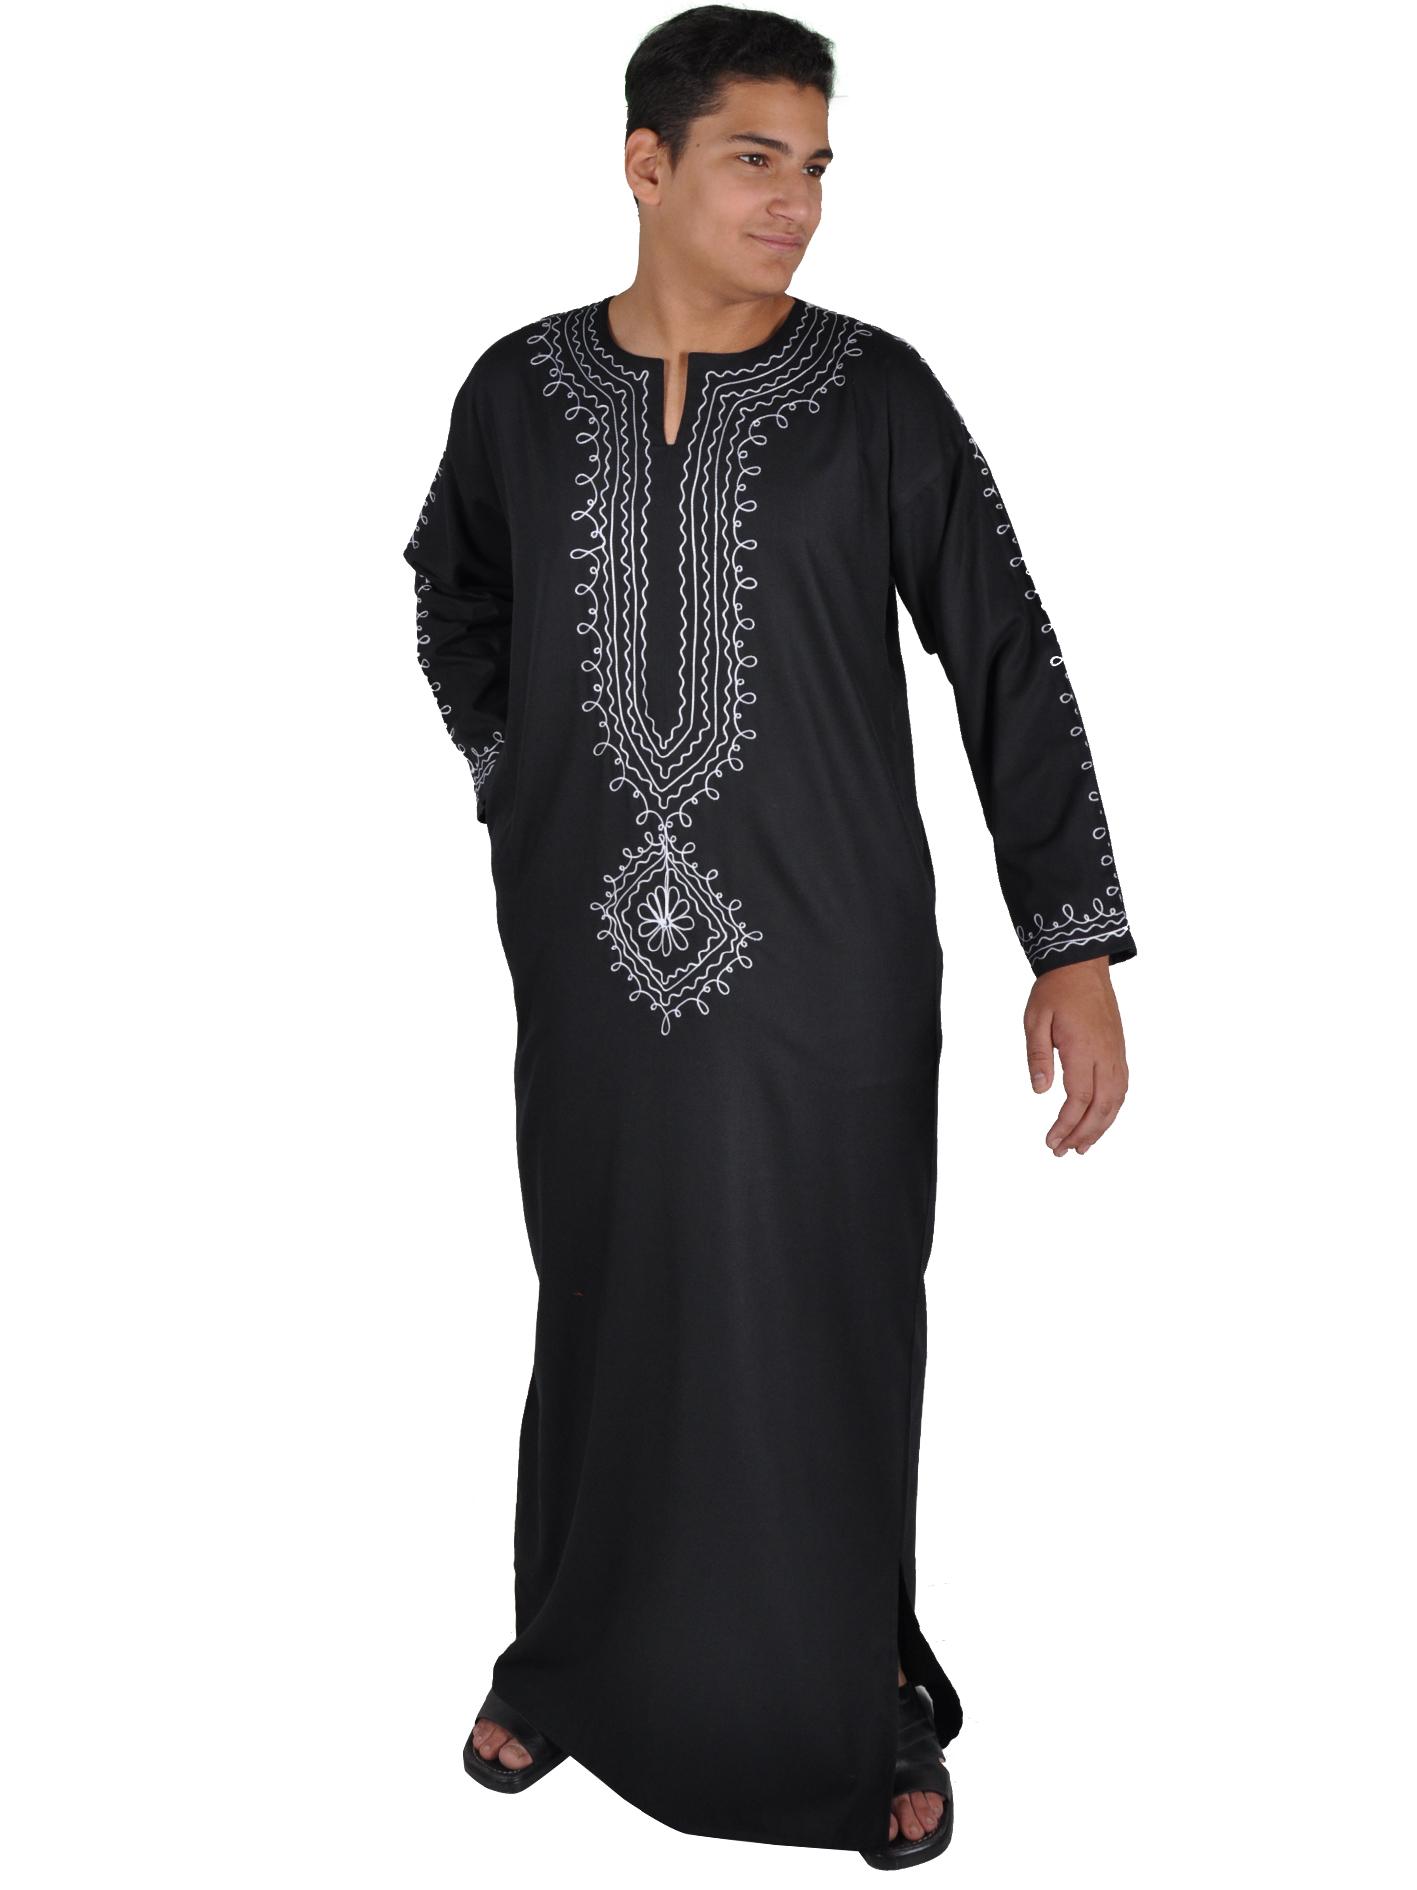 Männer Kaftan - Sommerkleid - Orientalische Männer Kleidung